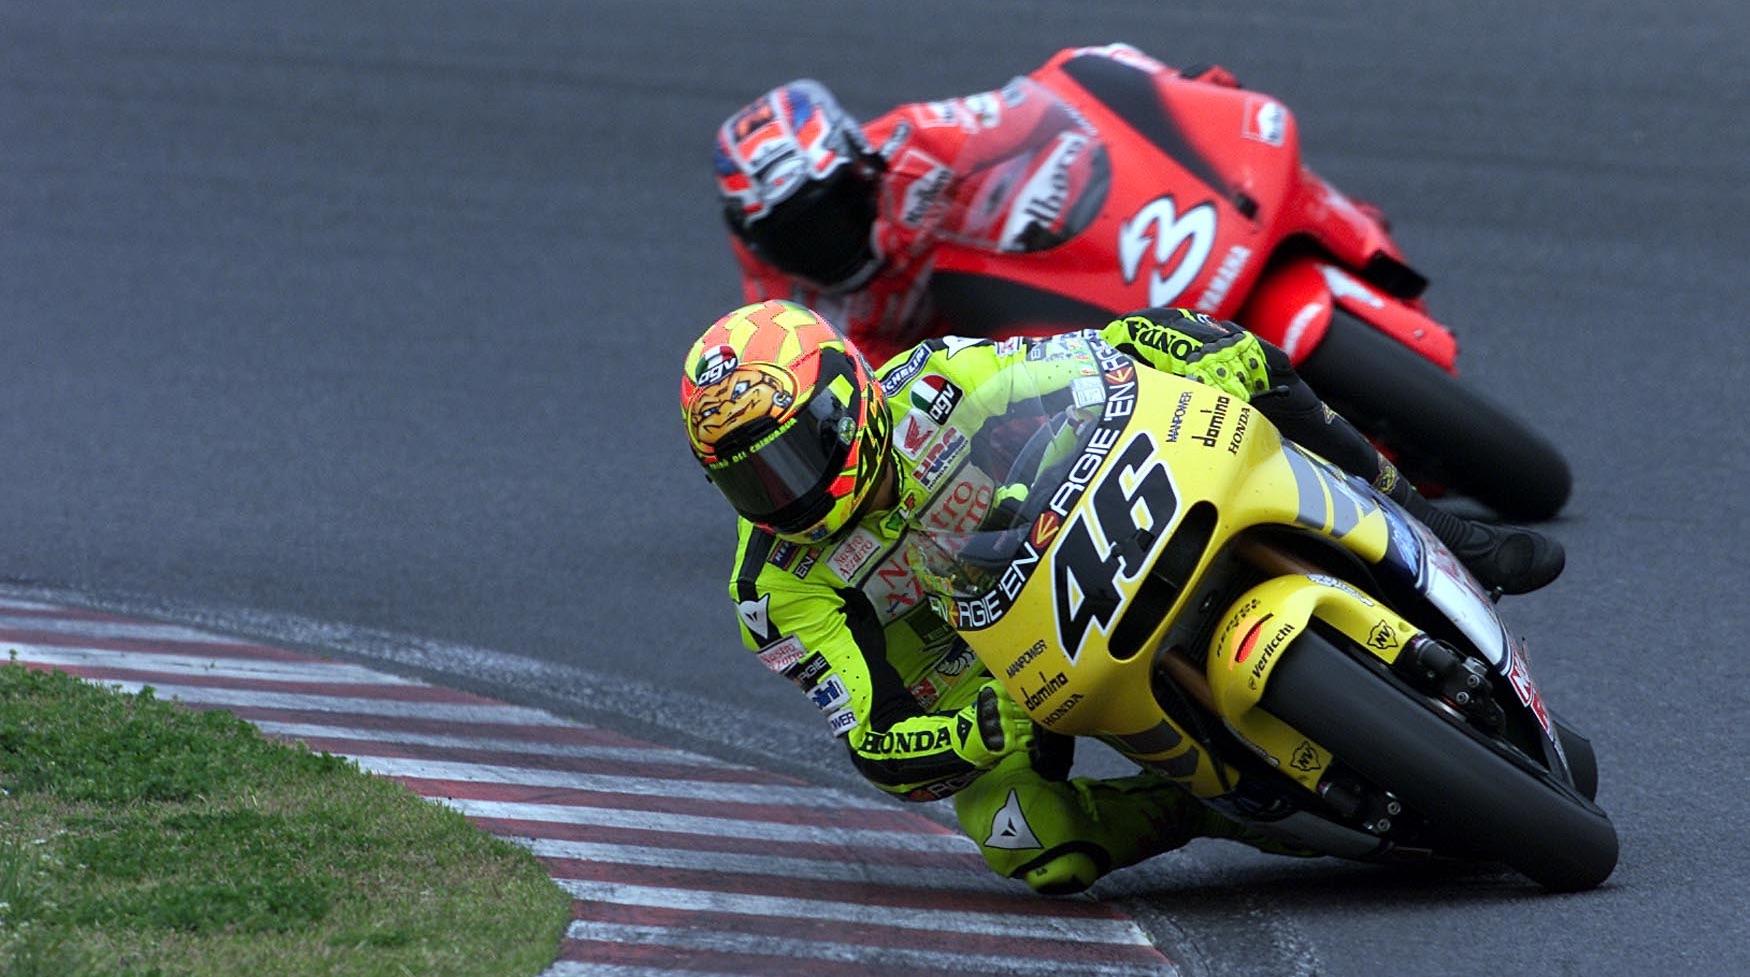 GP de Japón 2001: Valentino Rossi vs Max Biaggi, gratis y en directo desde las 14.00